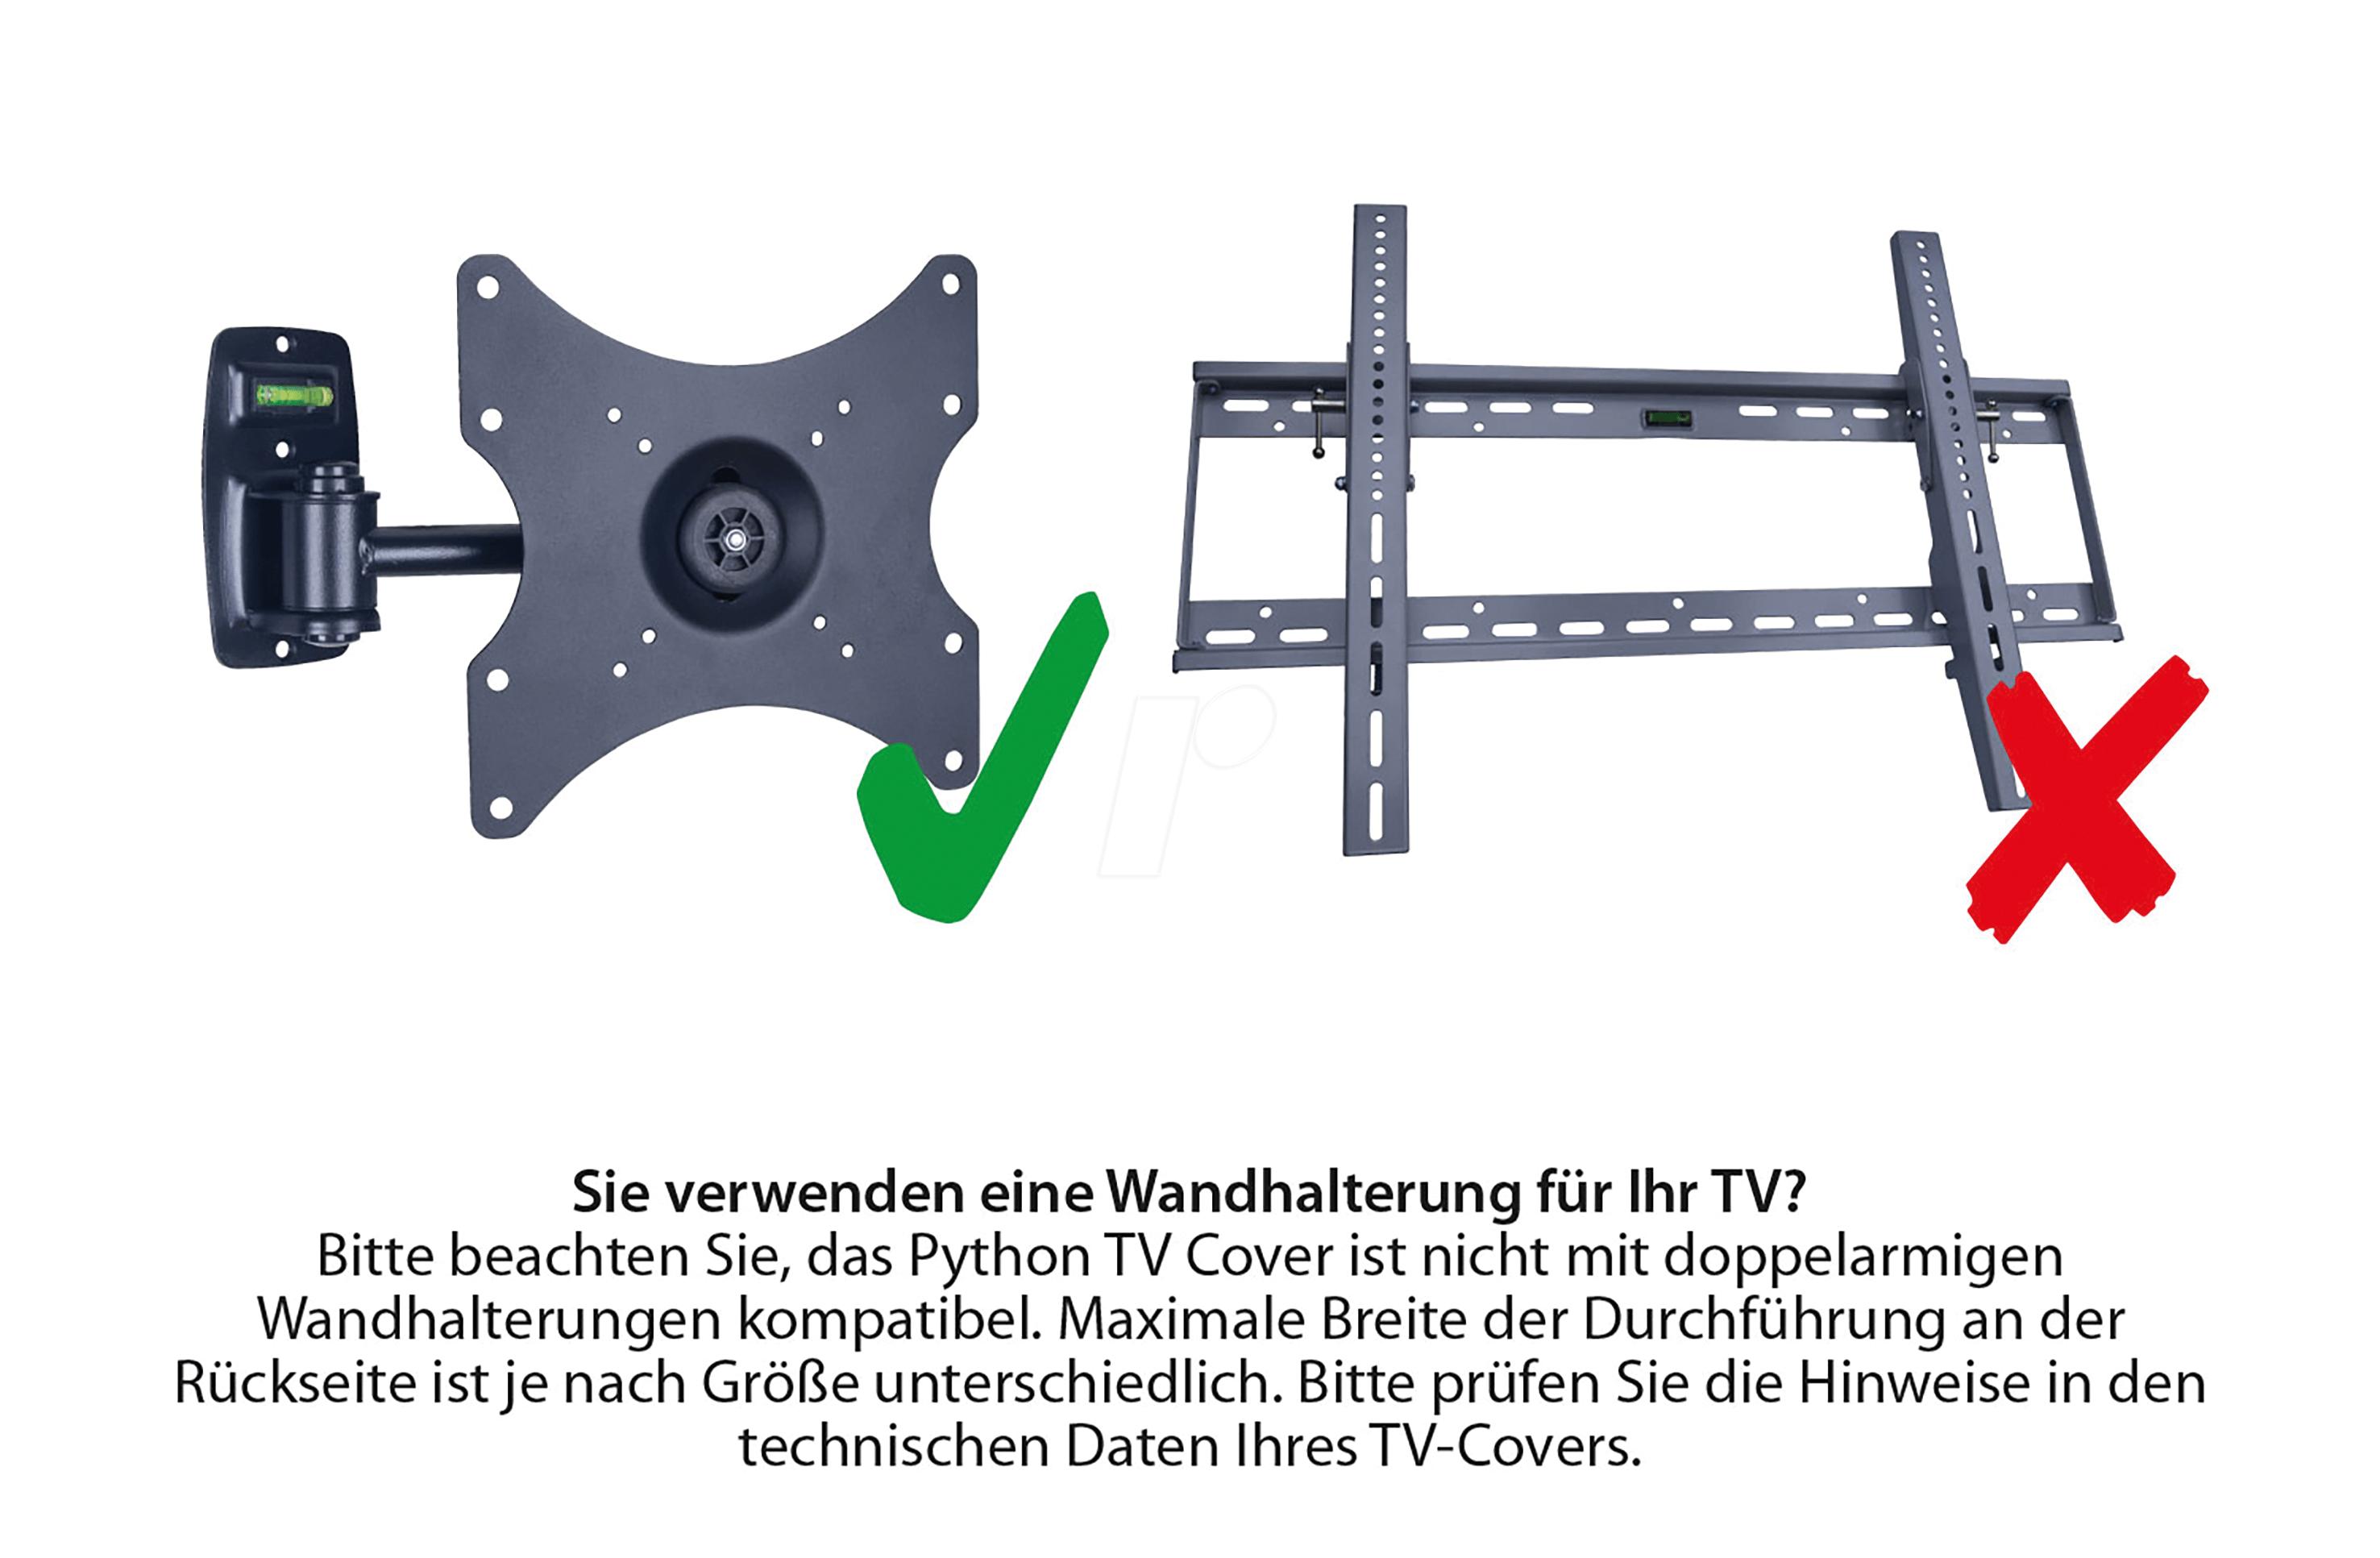 https://cdn-reichelt.de/bilder/web/xxl_ws/X500/TV-C0132_K.png